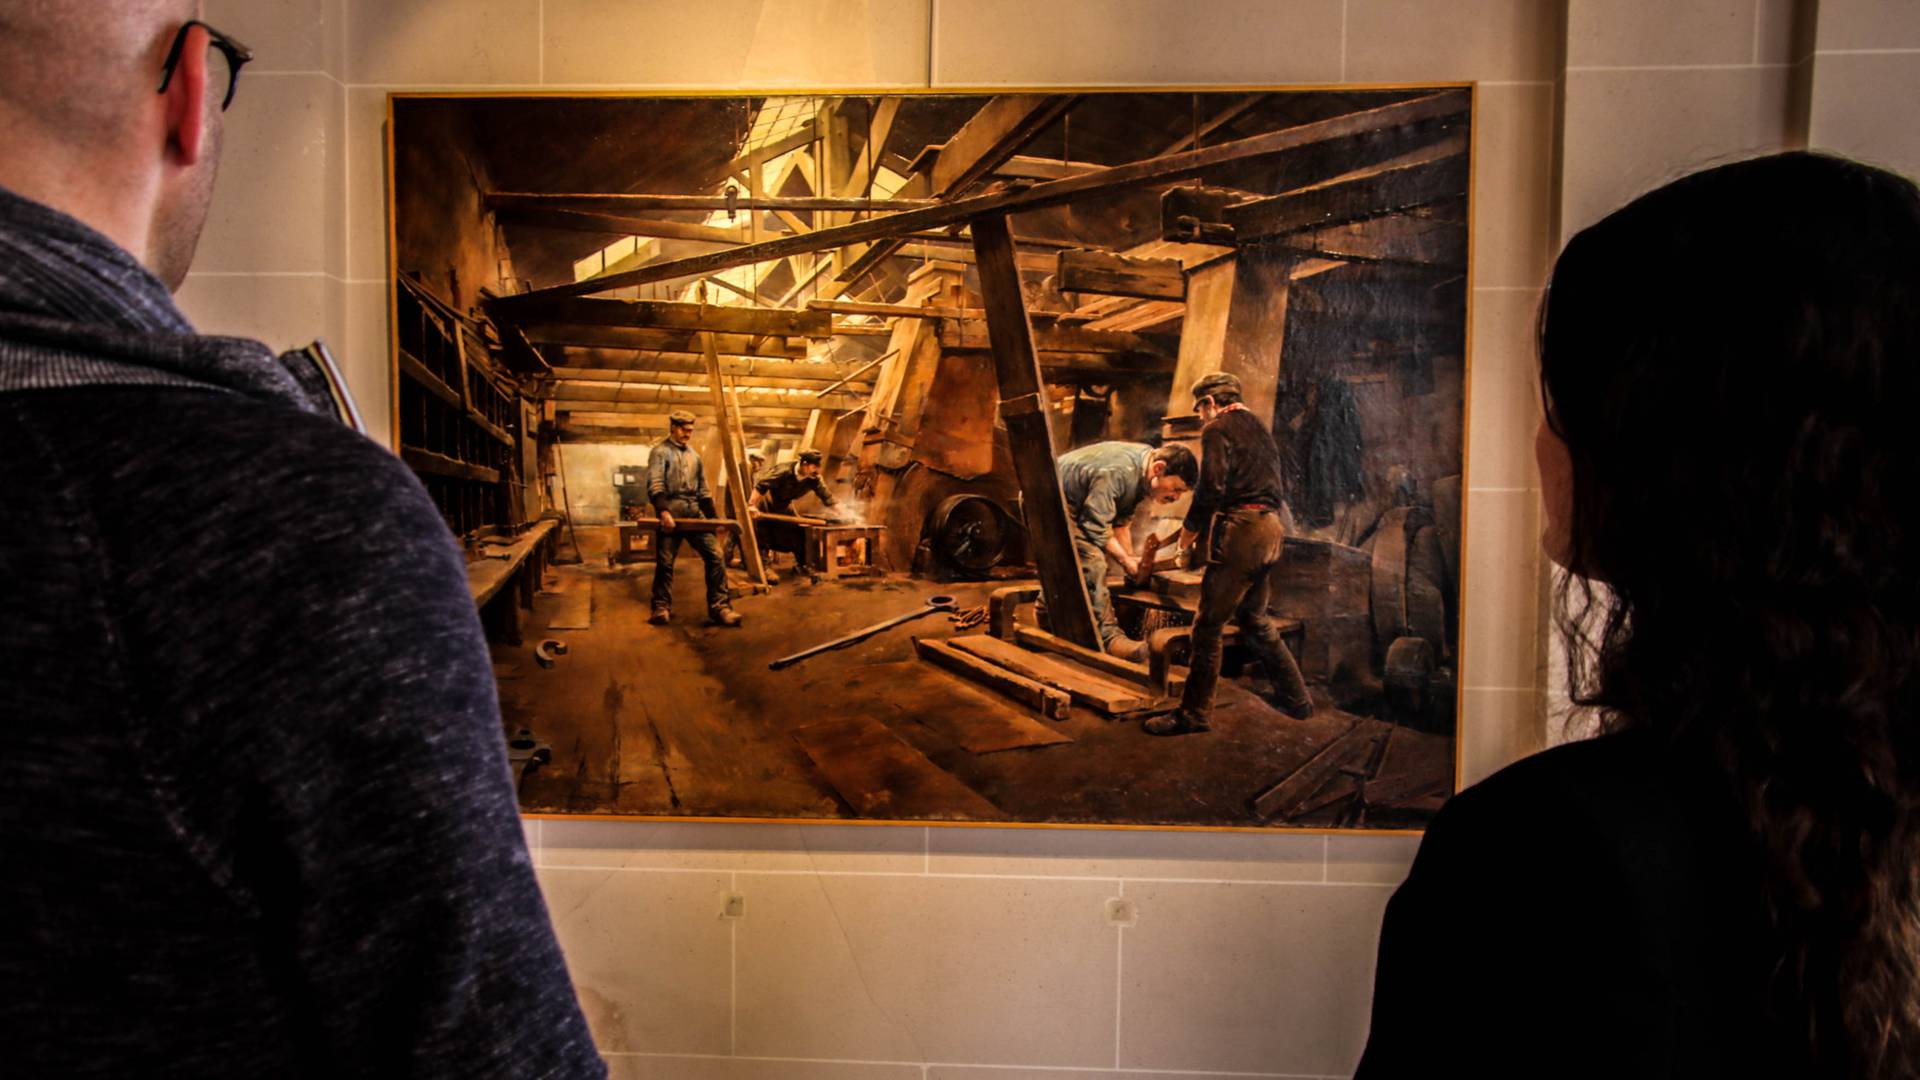 Représentation du travail dans une forge au Musée de l'homme et de l'industrie, Le Creusot. © Lesley Williamson.